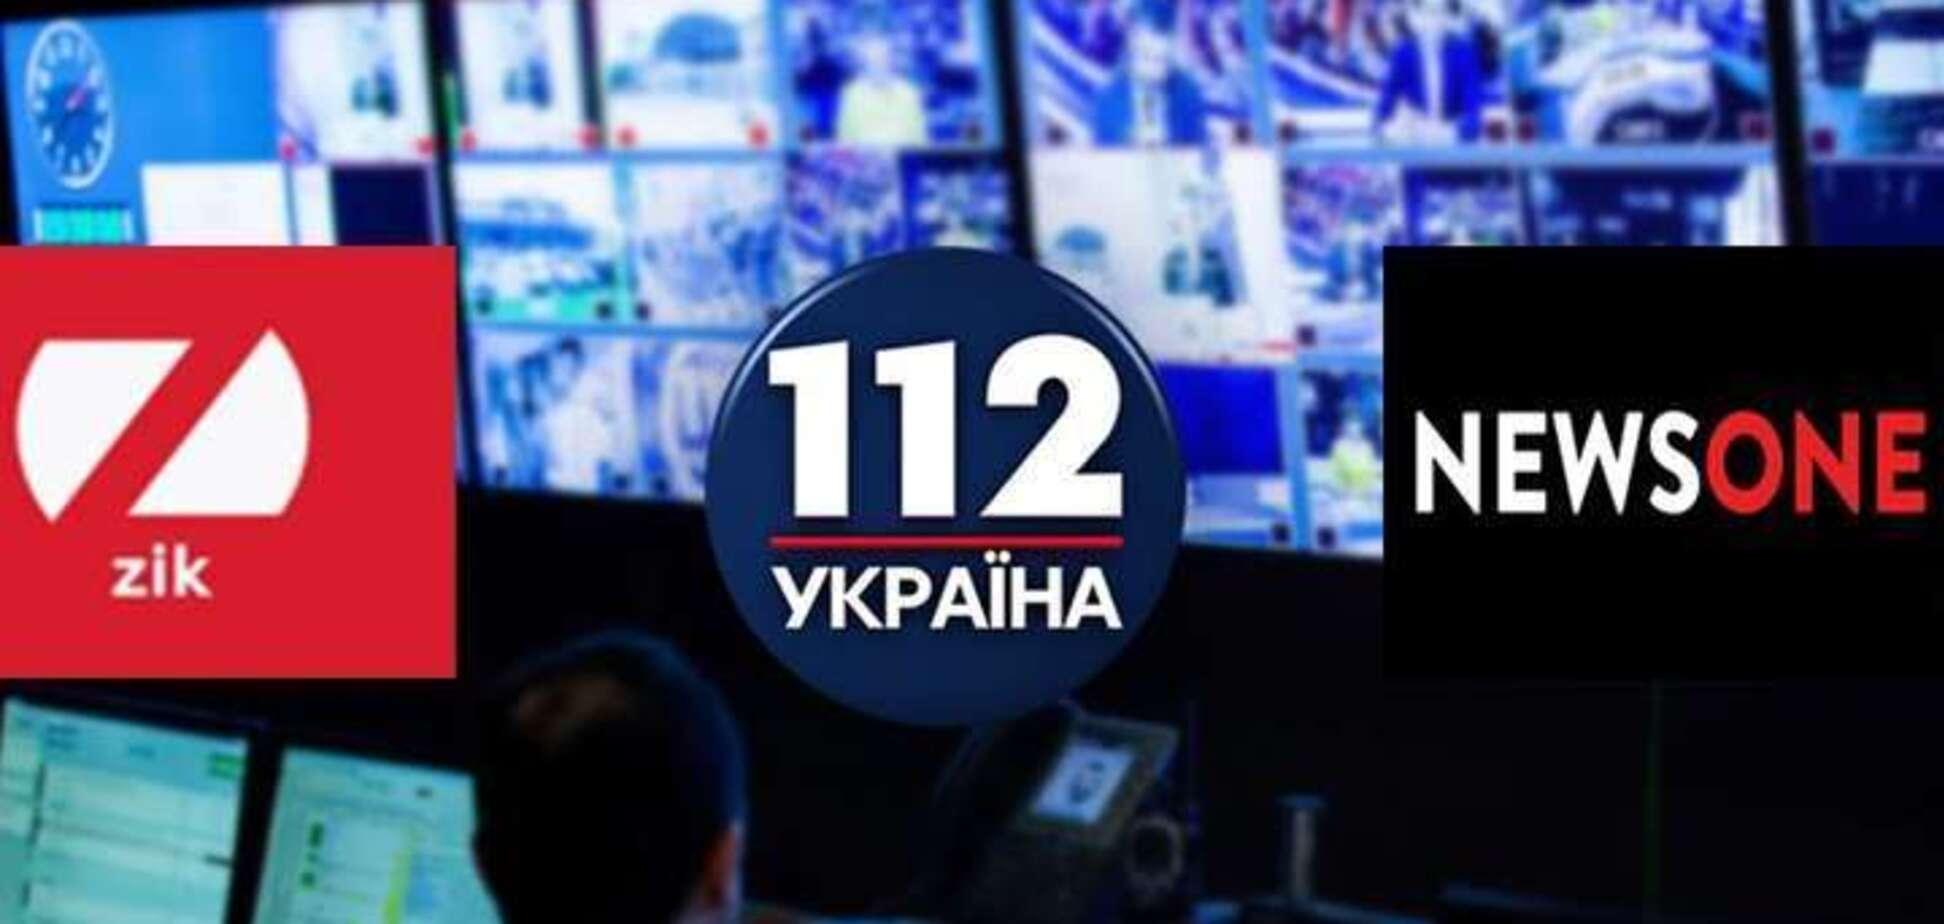 Санкции против Тараса Козака: такие решения должны быть идеально юридически выверенные